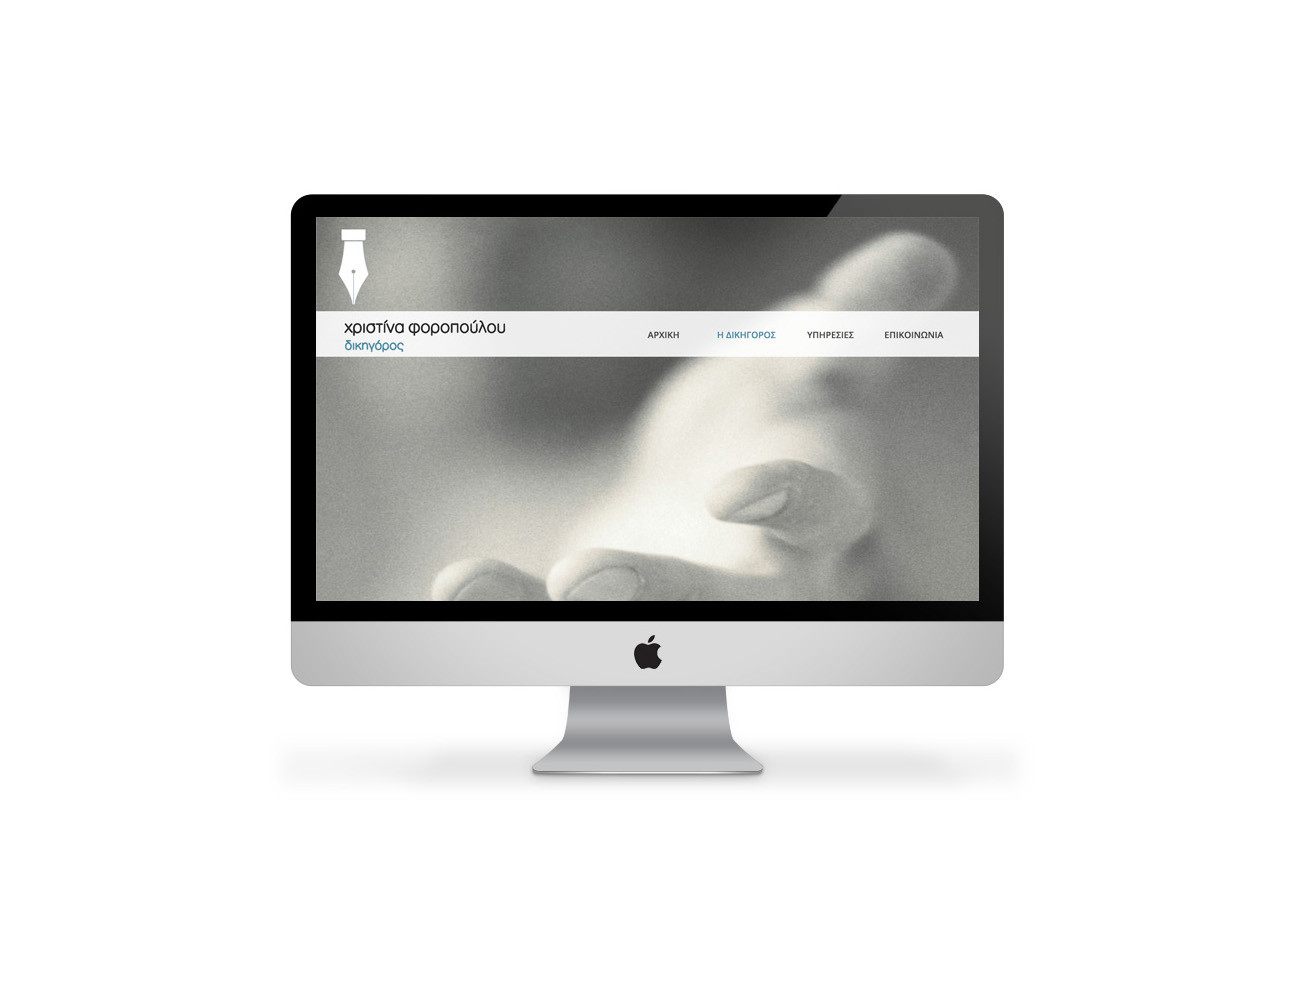 foropoulouwebdesign1